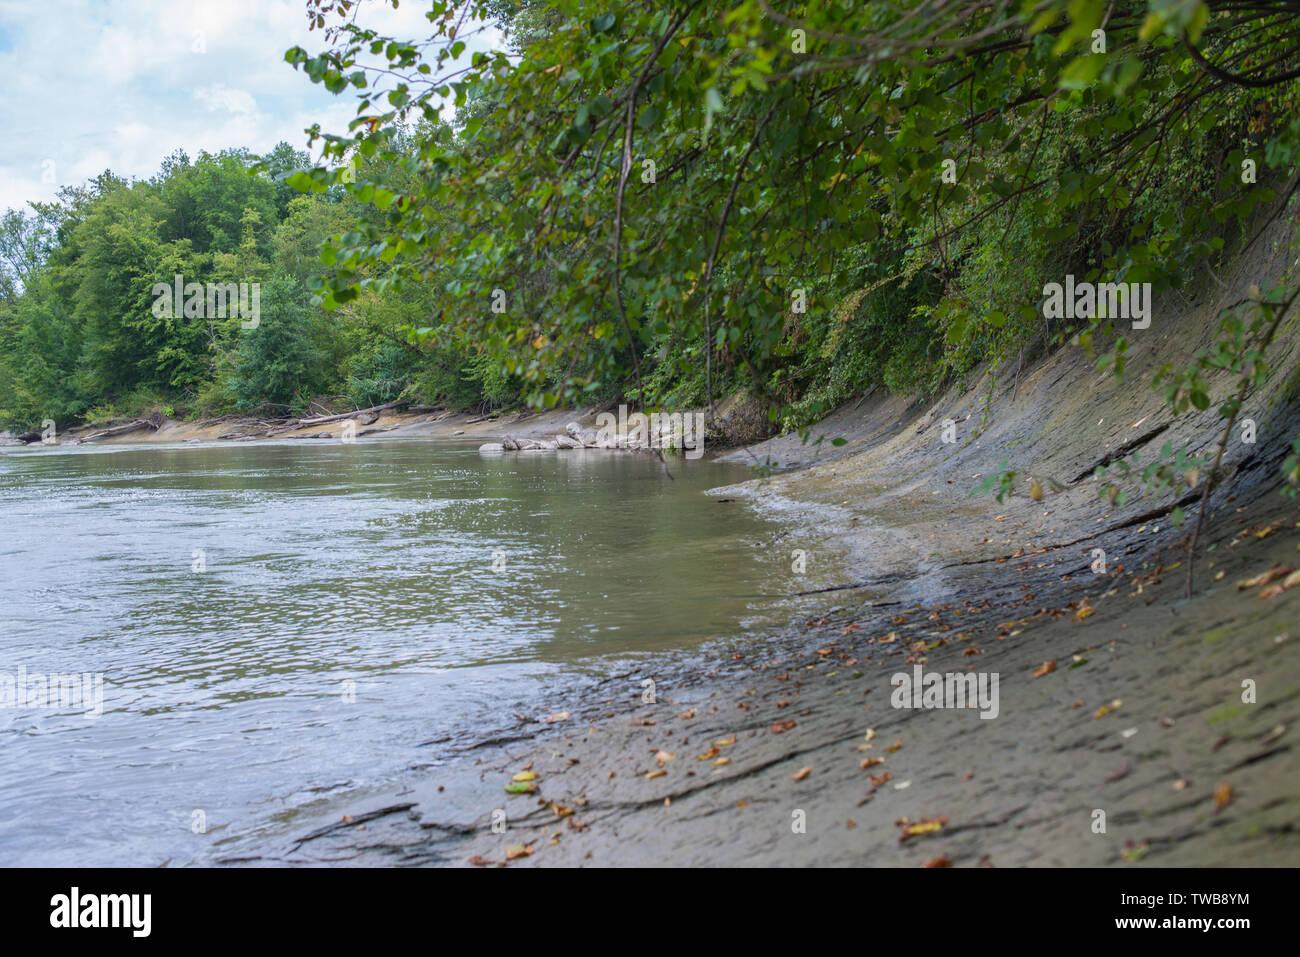 Abfallende steinigen Ufer eines Mountain River. Selektive konzentrieren. Stockfoto